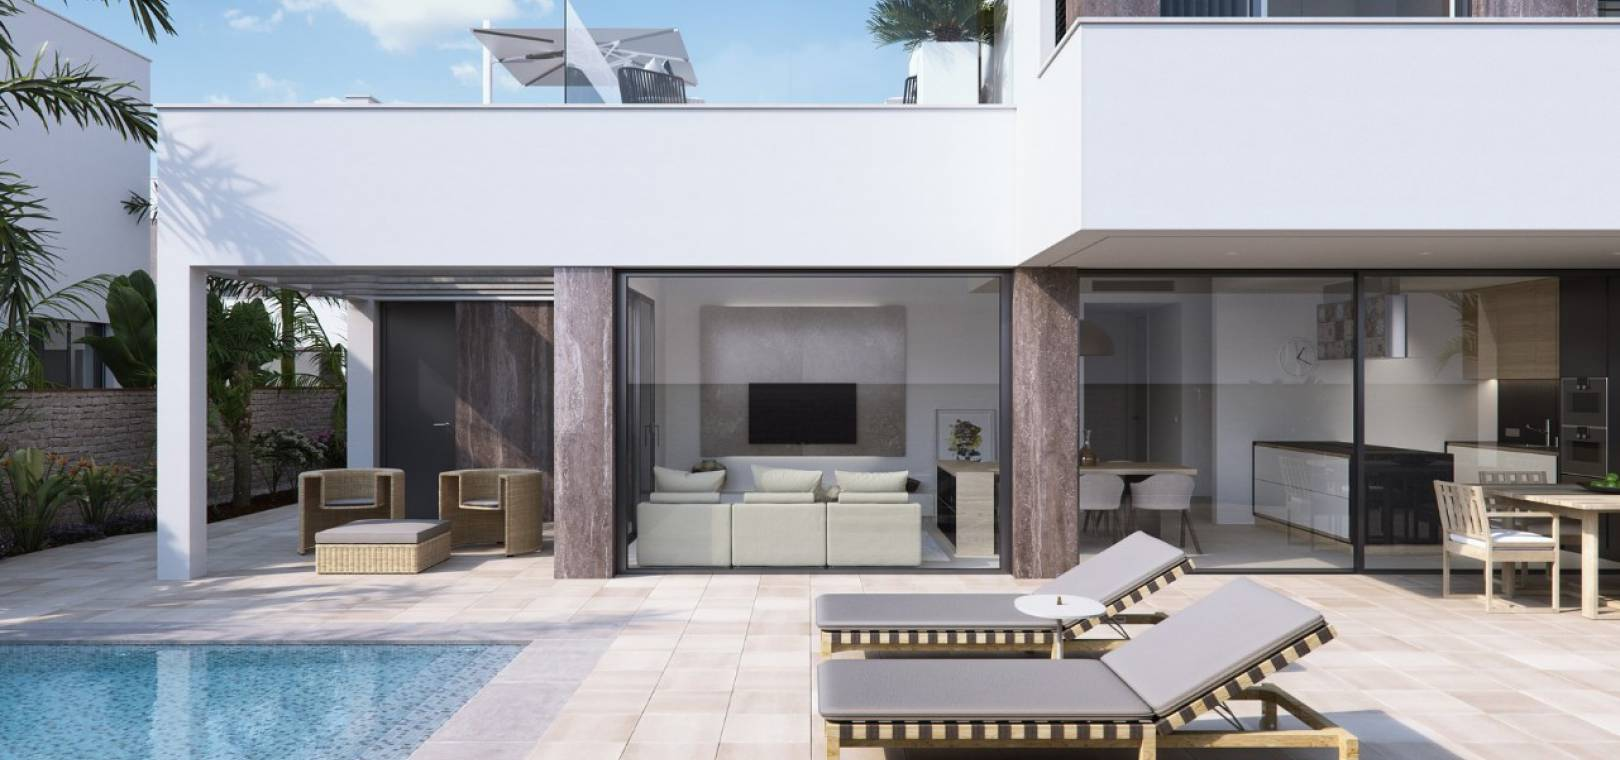 Torre_de_la_Horadada_New_Build_Luxury_Villas_For_Sale_nsp257_1